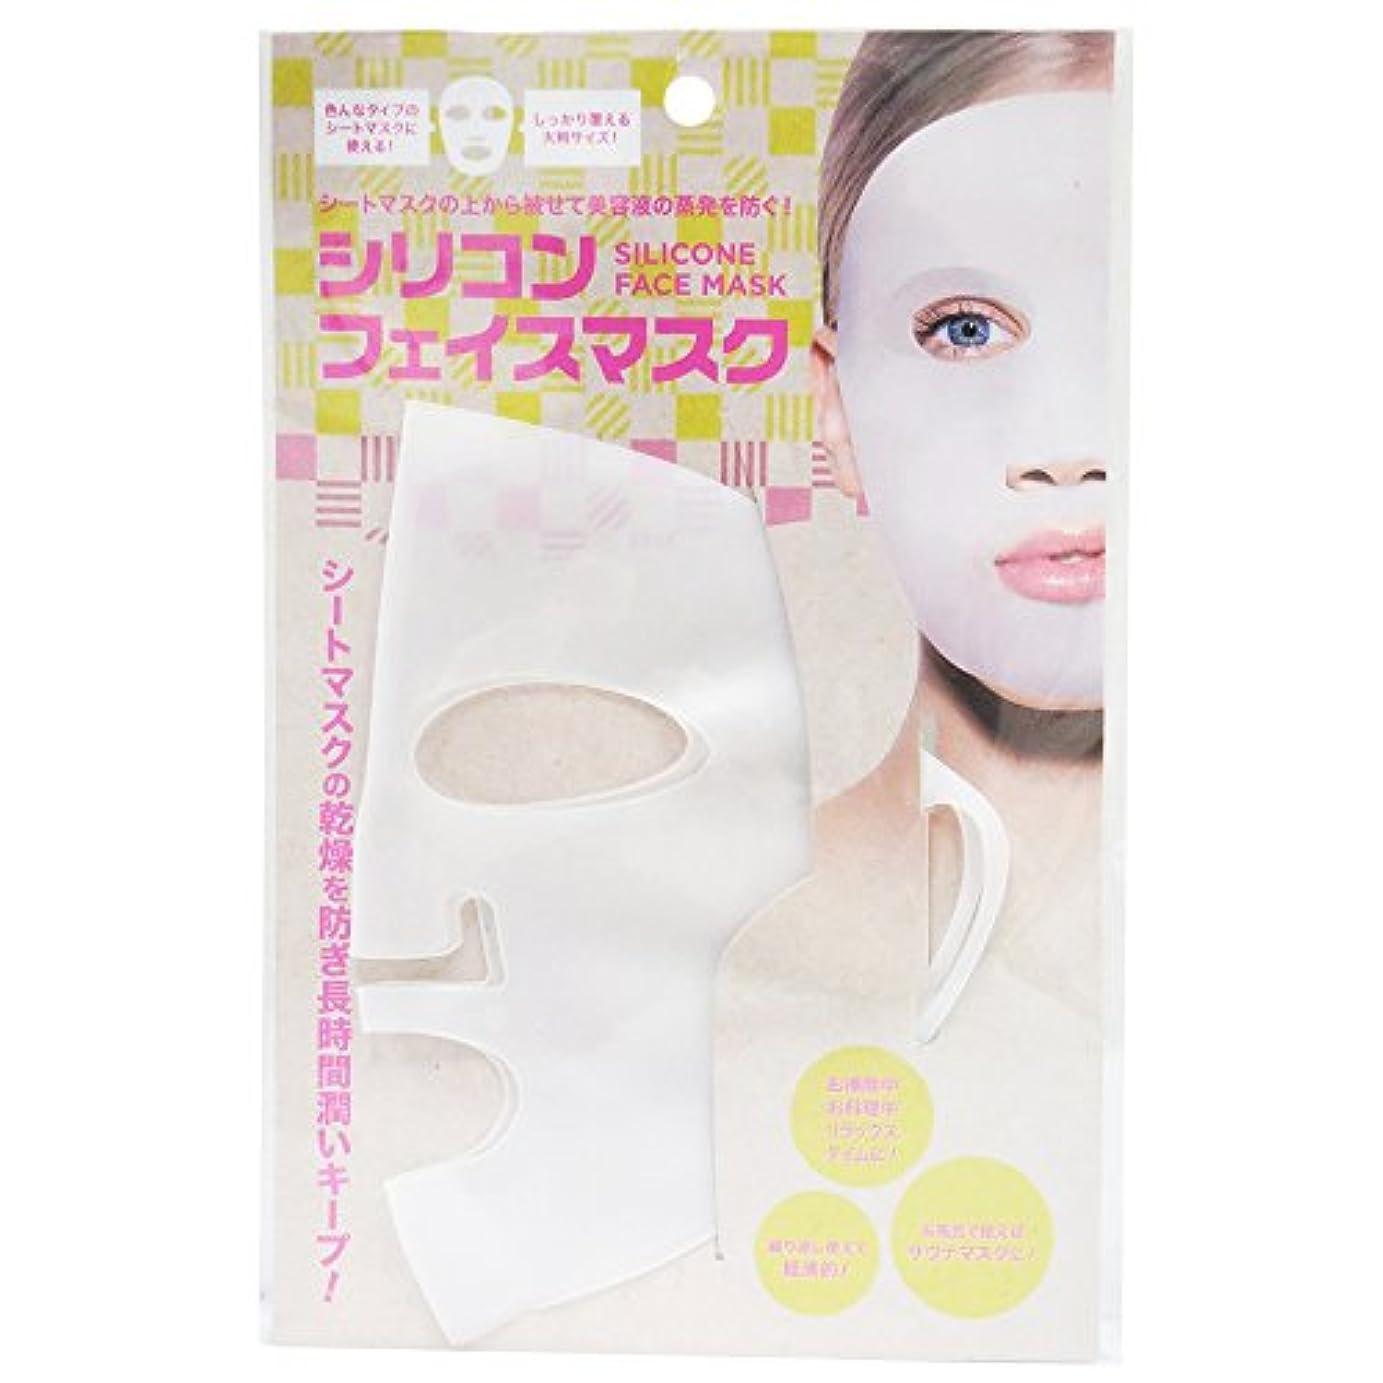 ミリメーター準備ができて抵抗力があるシリコンフェイスマスク